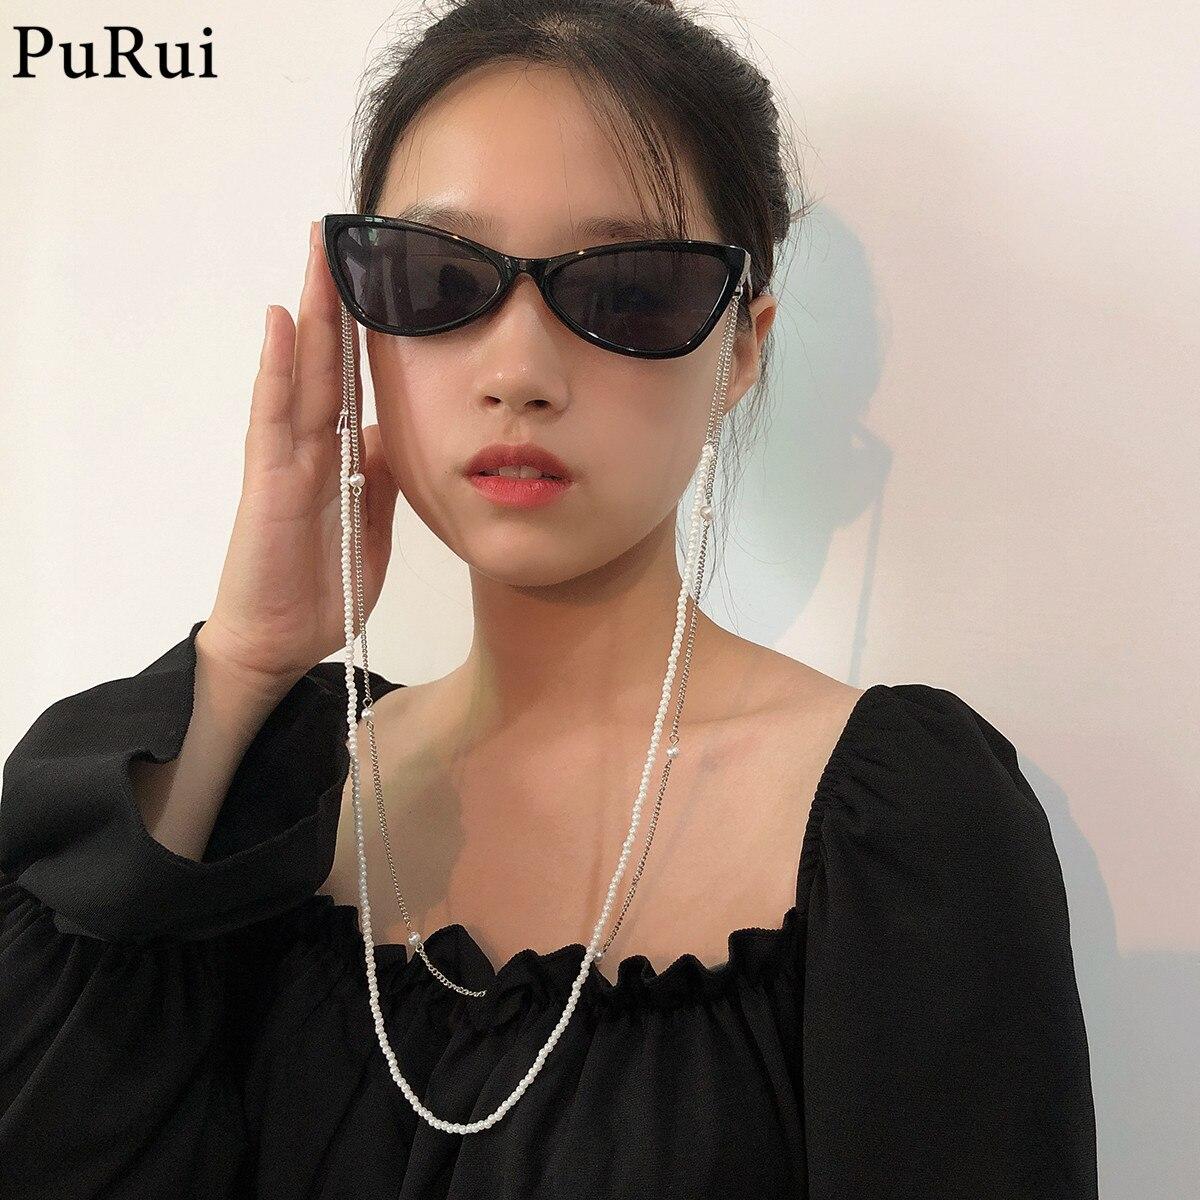 Purui шикарные модные очки с цепочкой, солнцезащитные очки с имитацией жемчуга, цепочка для очков для чтения, шнур, держатель, шейный ремешок